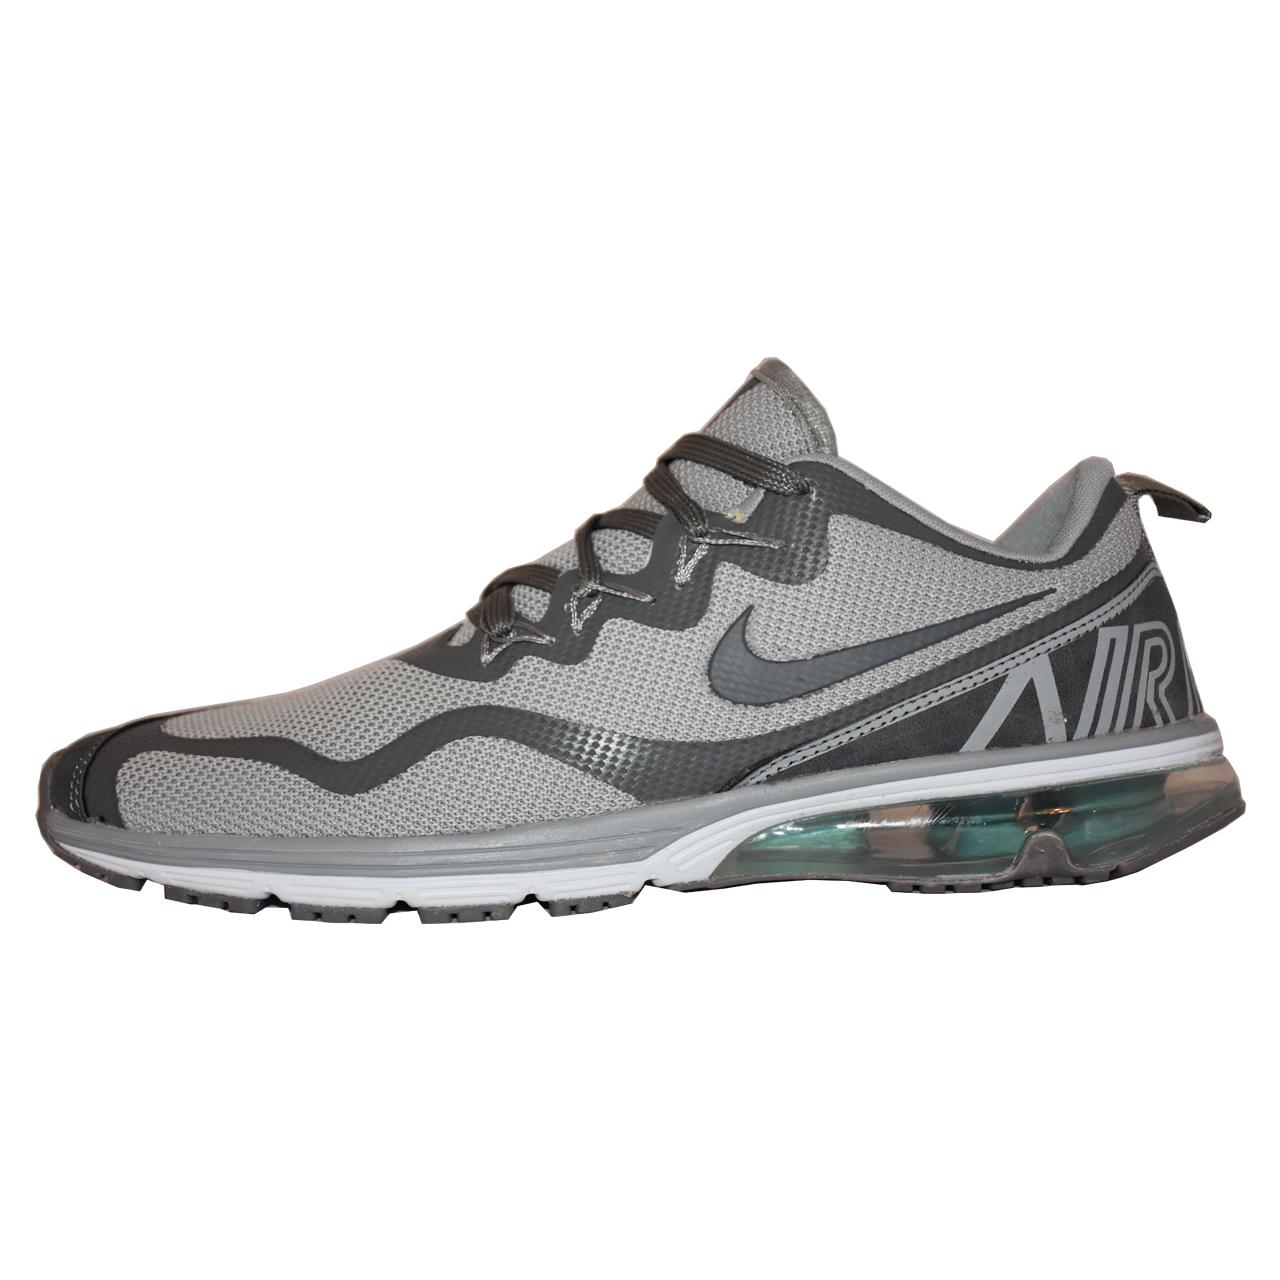 قیمت کفش مخصوص پیاده روی مردانه کد 000423